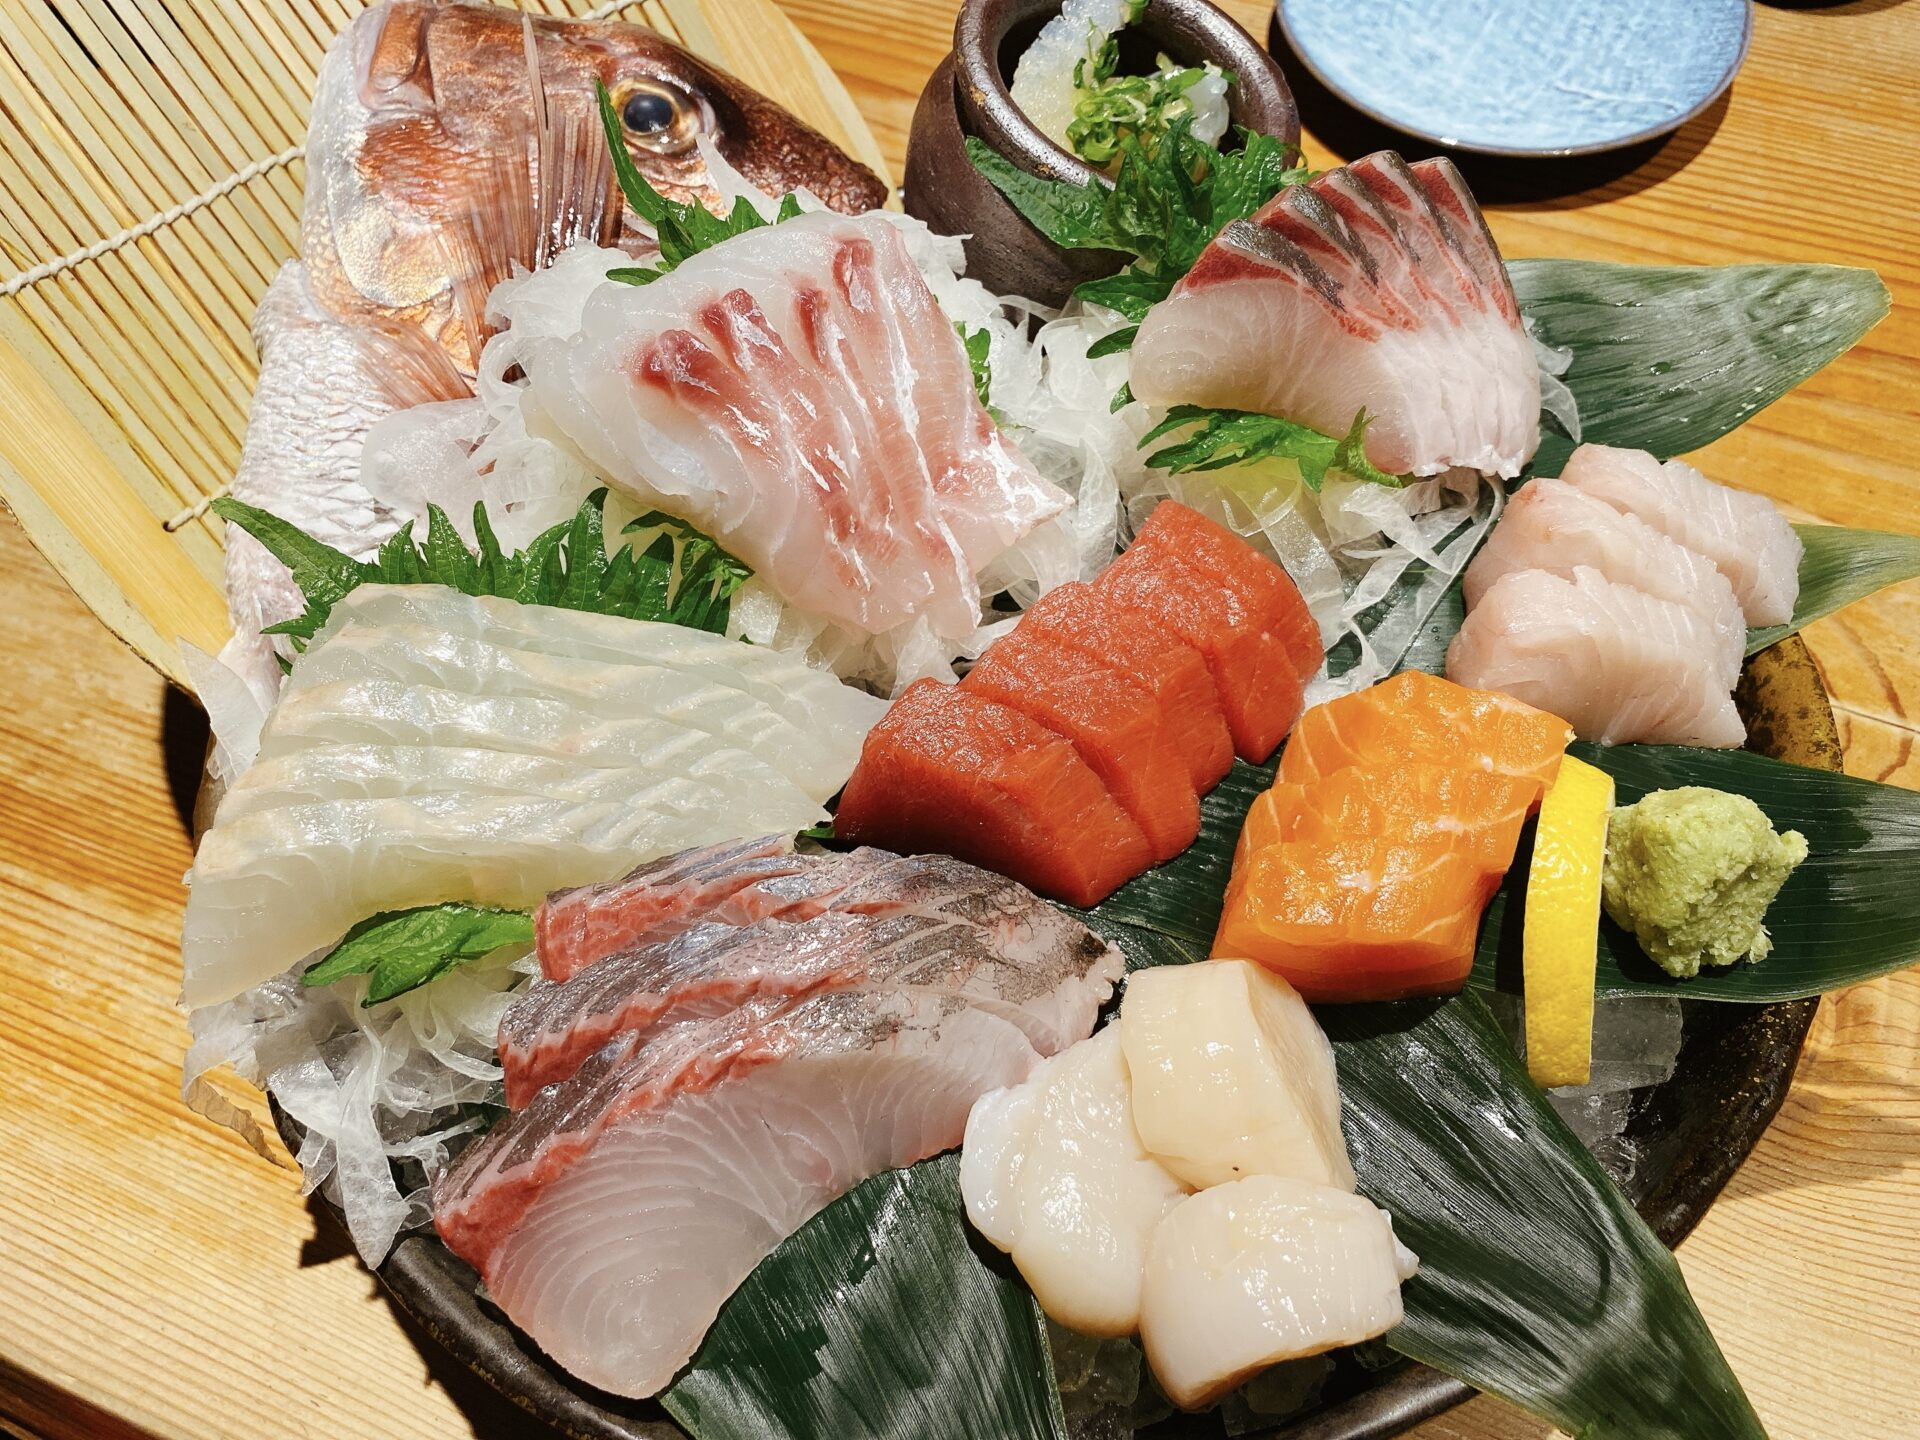 西大寺駅から車で2分 居酒屋【旬彩 しんすけ】ランチ営業が無いので夕食を兼ねて初訪問!刺身をはじめ魚料理が美味しいお店!